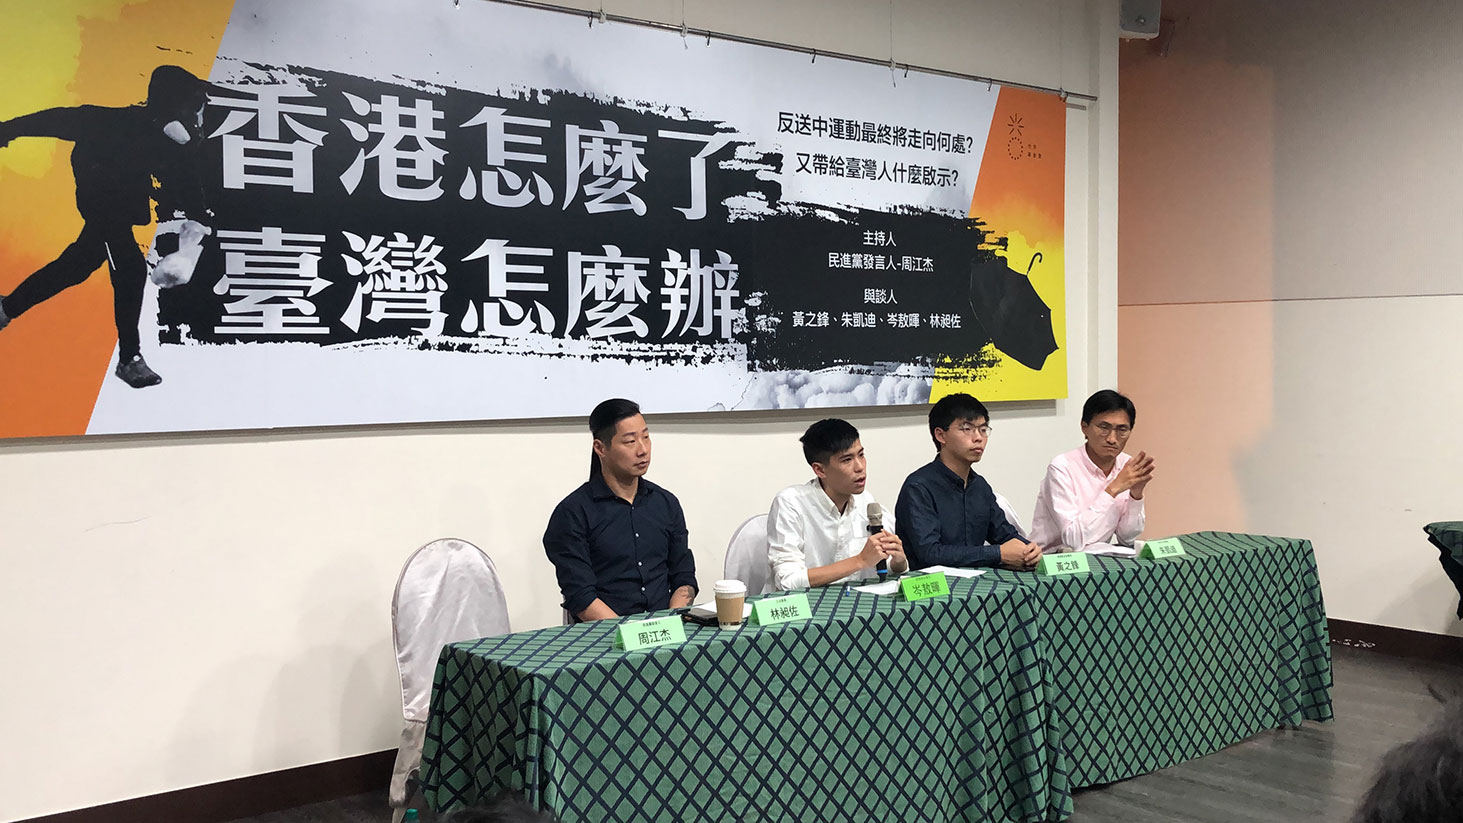 香港立法会议员朱凯迪(右一)、香港众志秘书长黄之锋(右二)、学联前副秘书长岑敖晖(左二)、台湾时代力量党立委林昶佐(左)4日在台北一场论坛,回应林郑月娥宣布撤回《逃犯条例》。(记者夏小华摄)